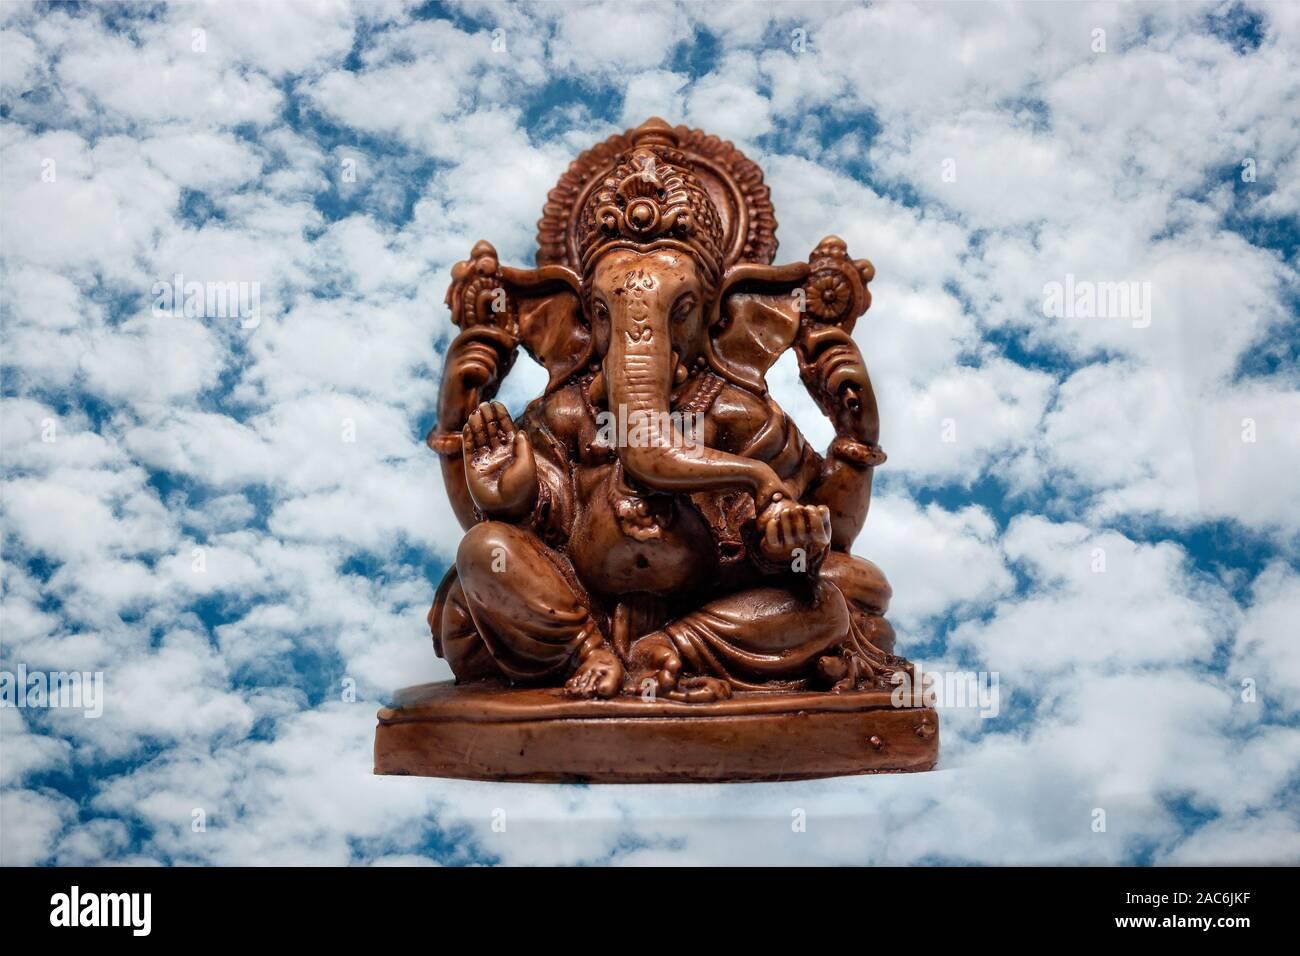 Statue en bois de dieu indien Ganesha, la religion hindoue Banque D'Images